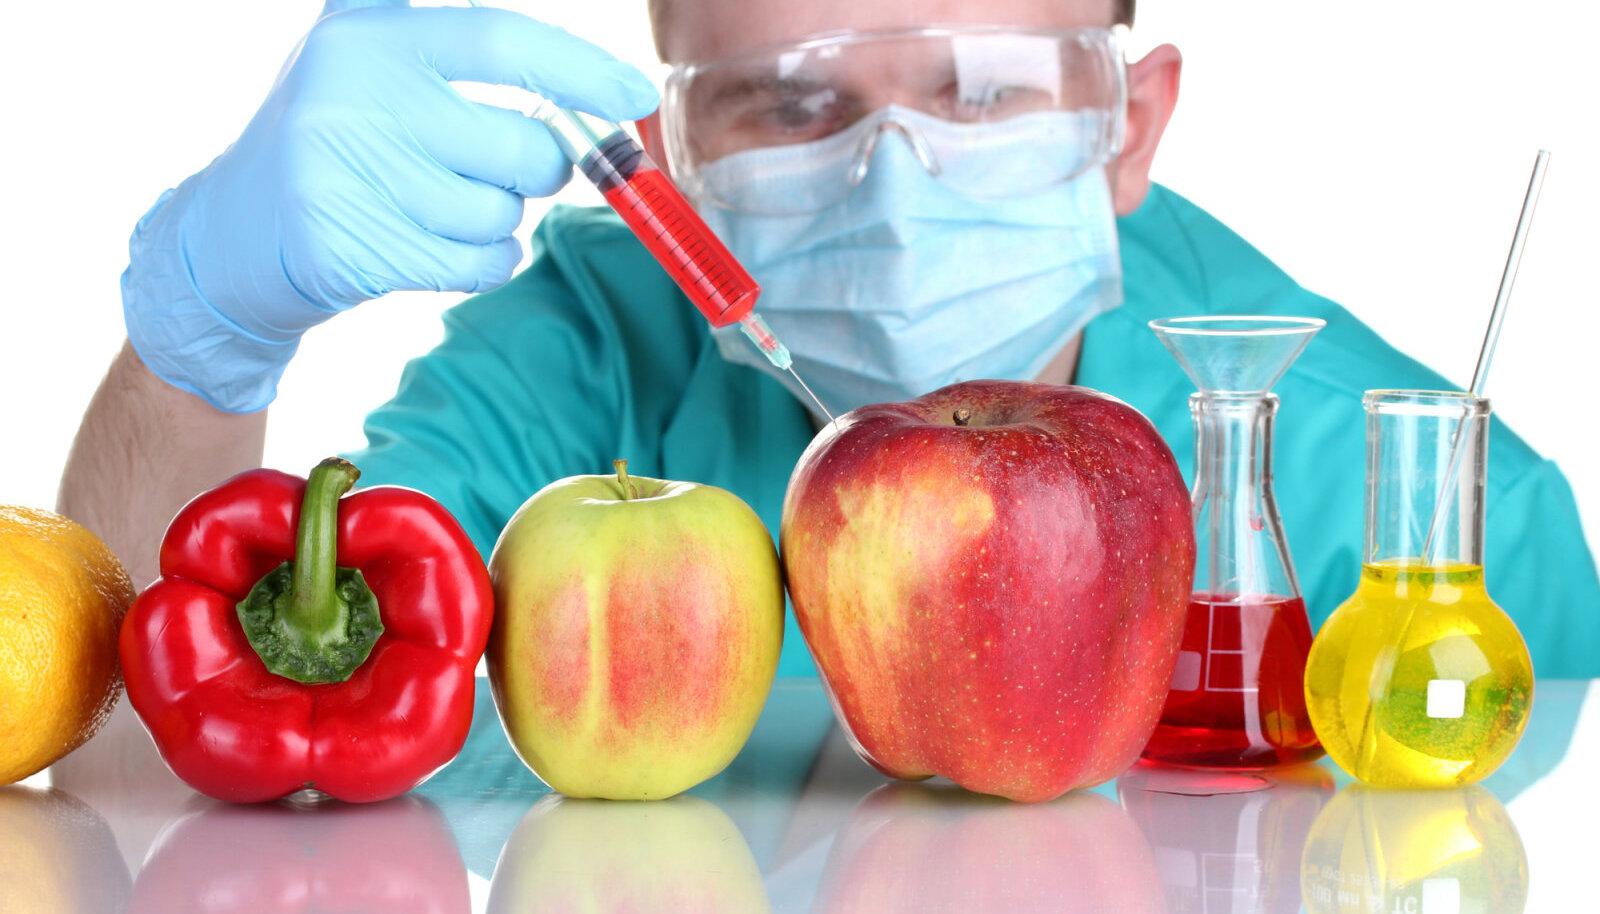 GMOde kasutamise mõjude uuringud on alles lapsekingades